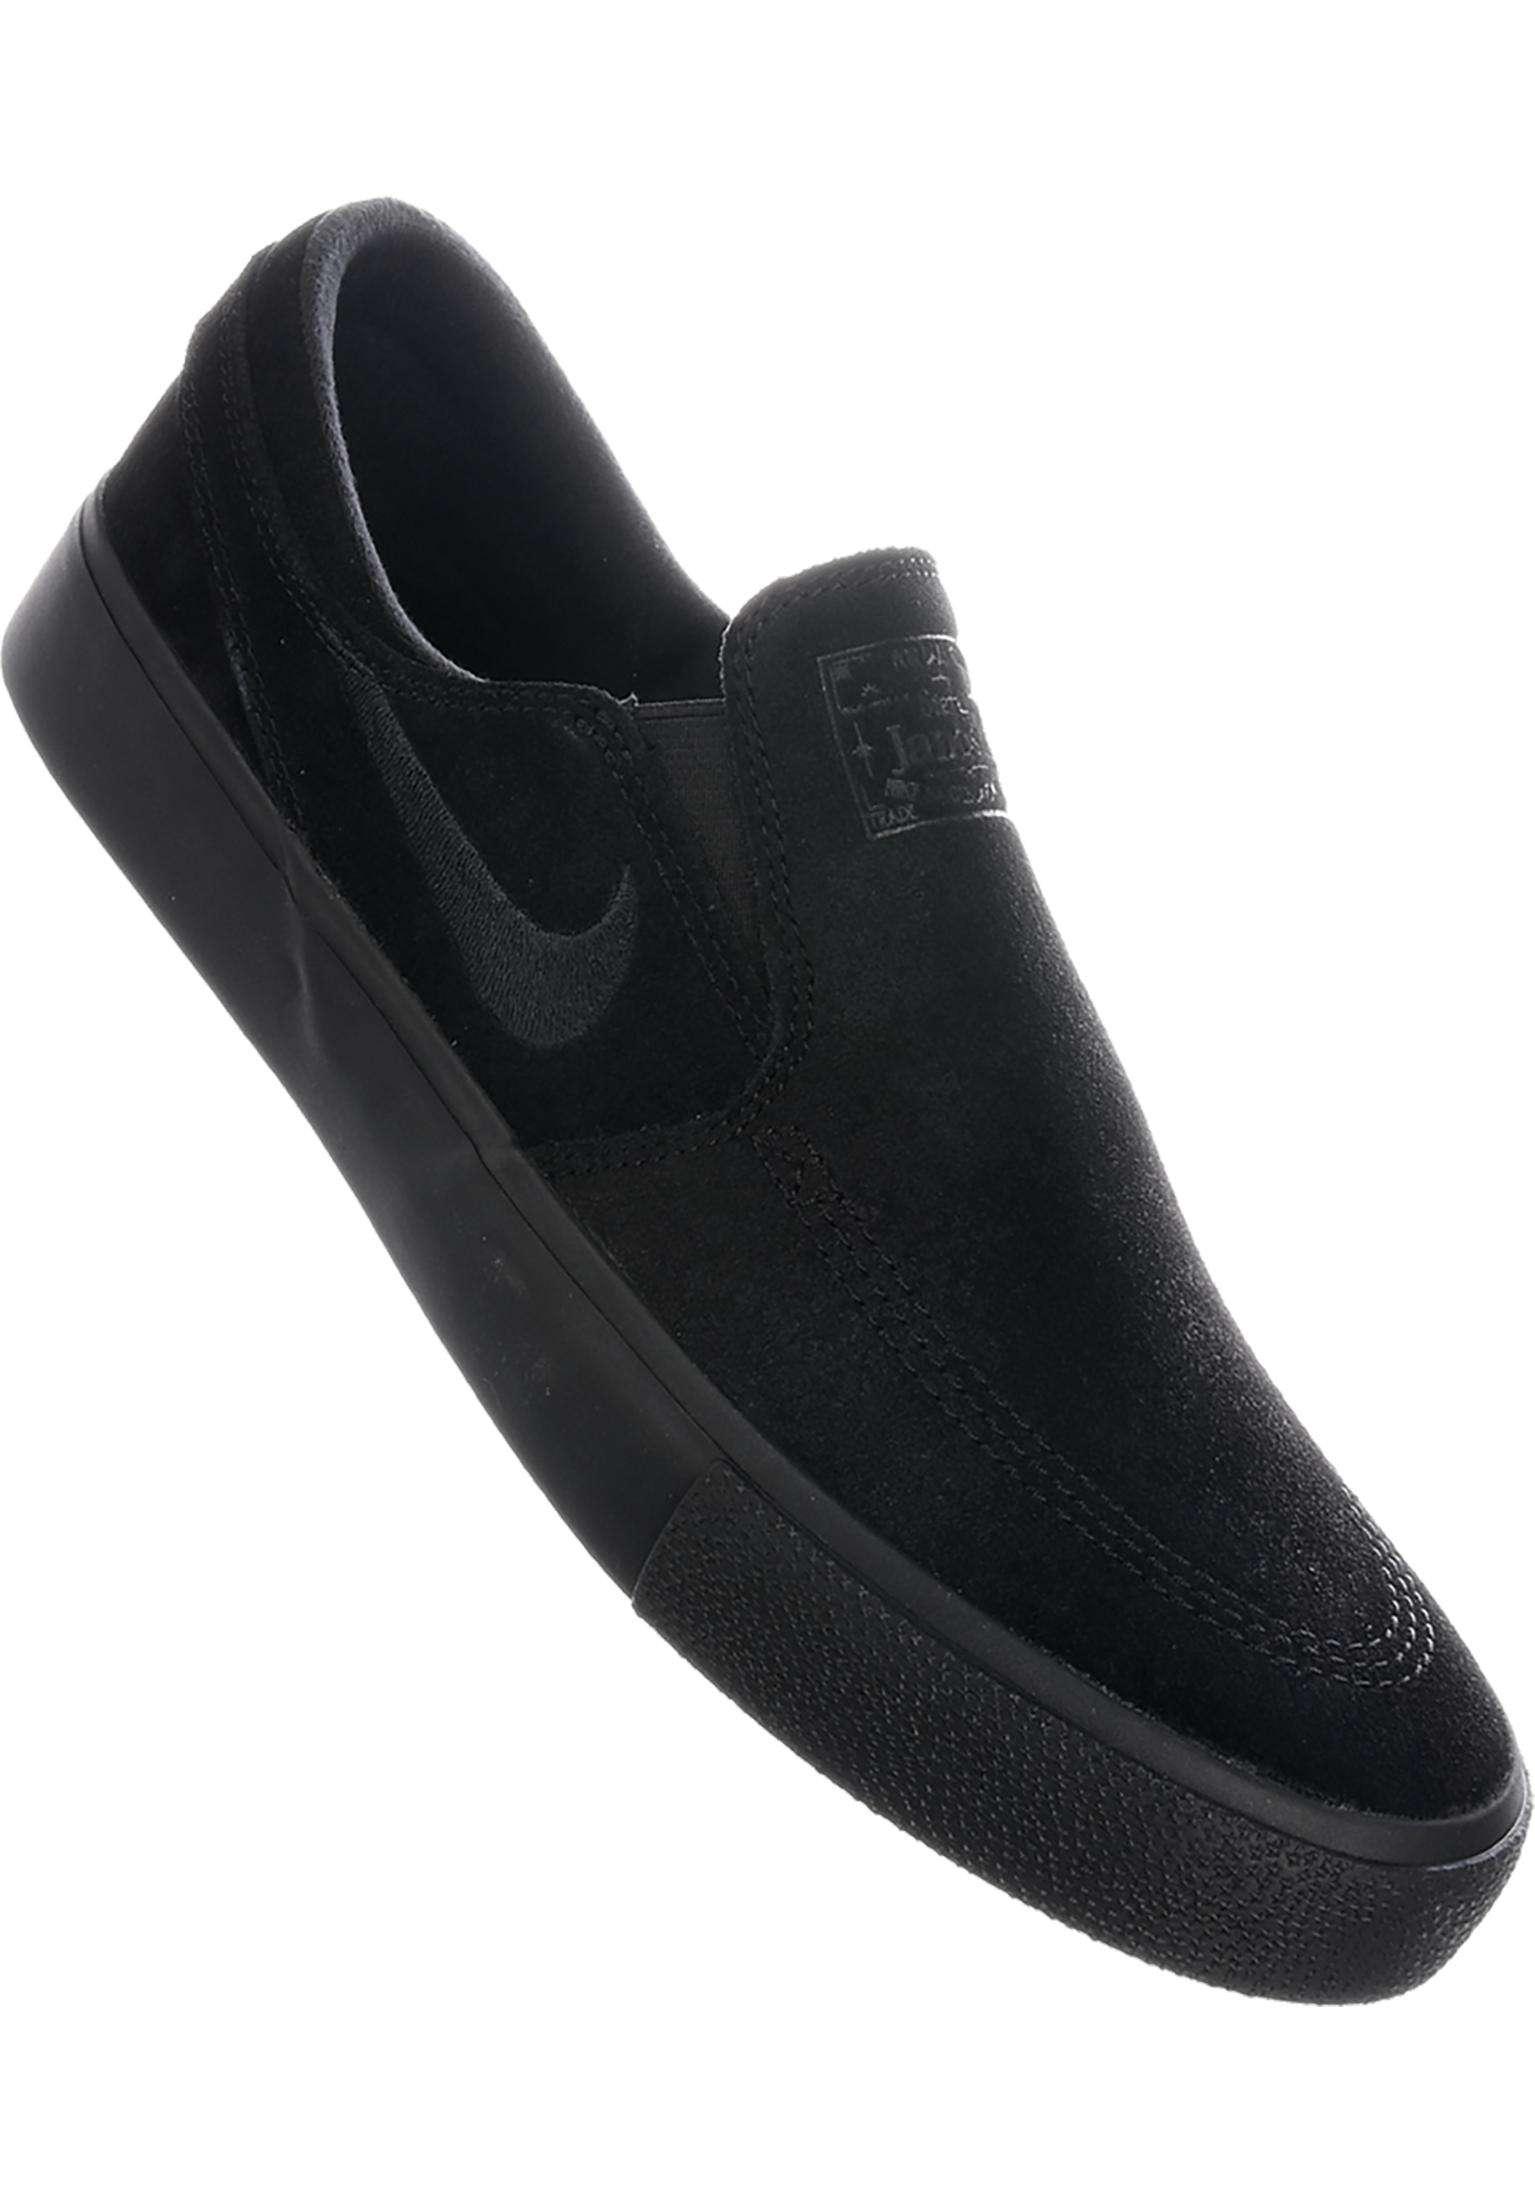 On RM Zoom SB Janoski Stefan Nike Slip XuPkOiTZ